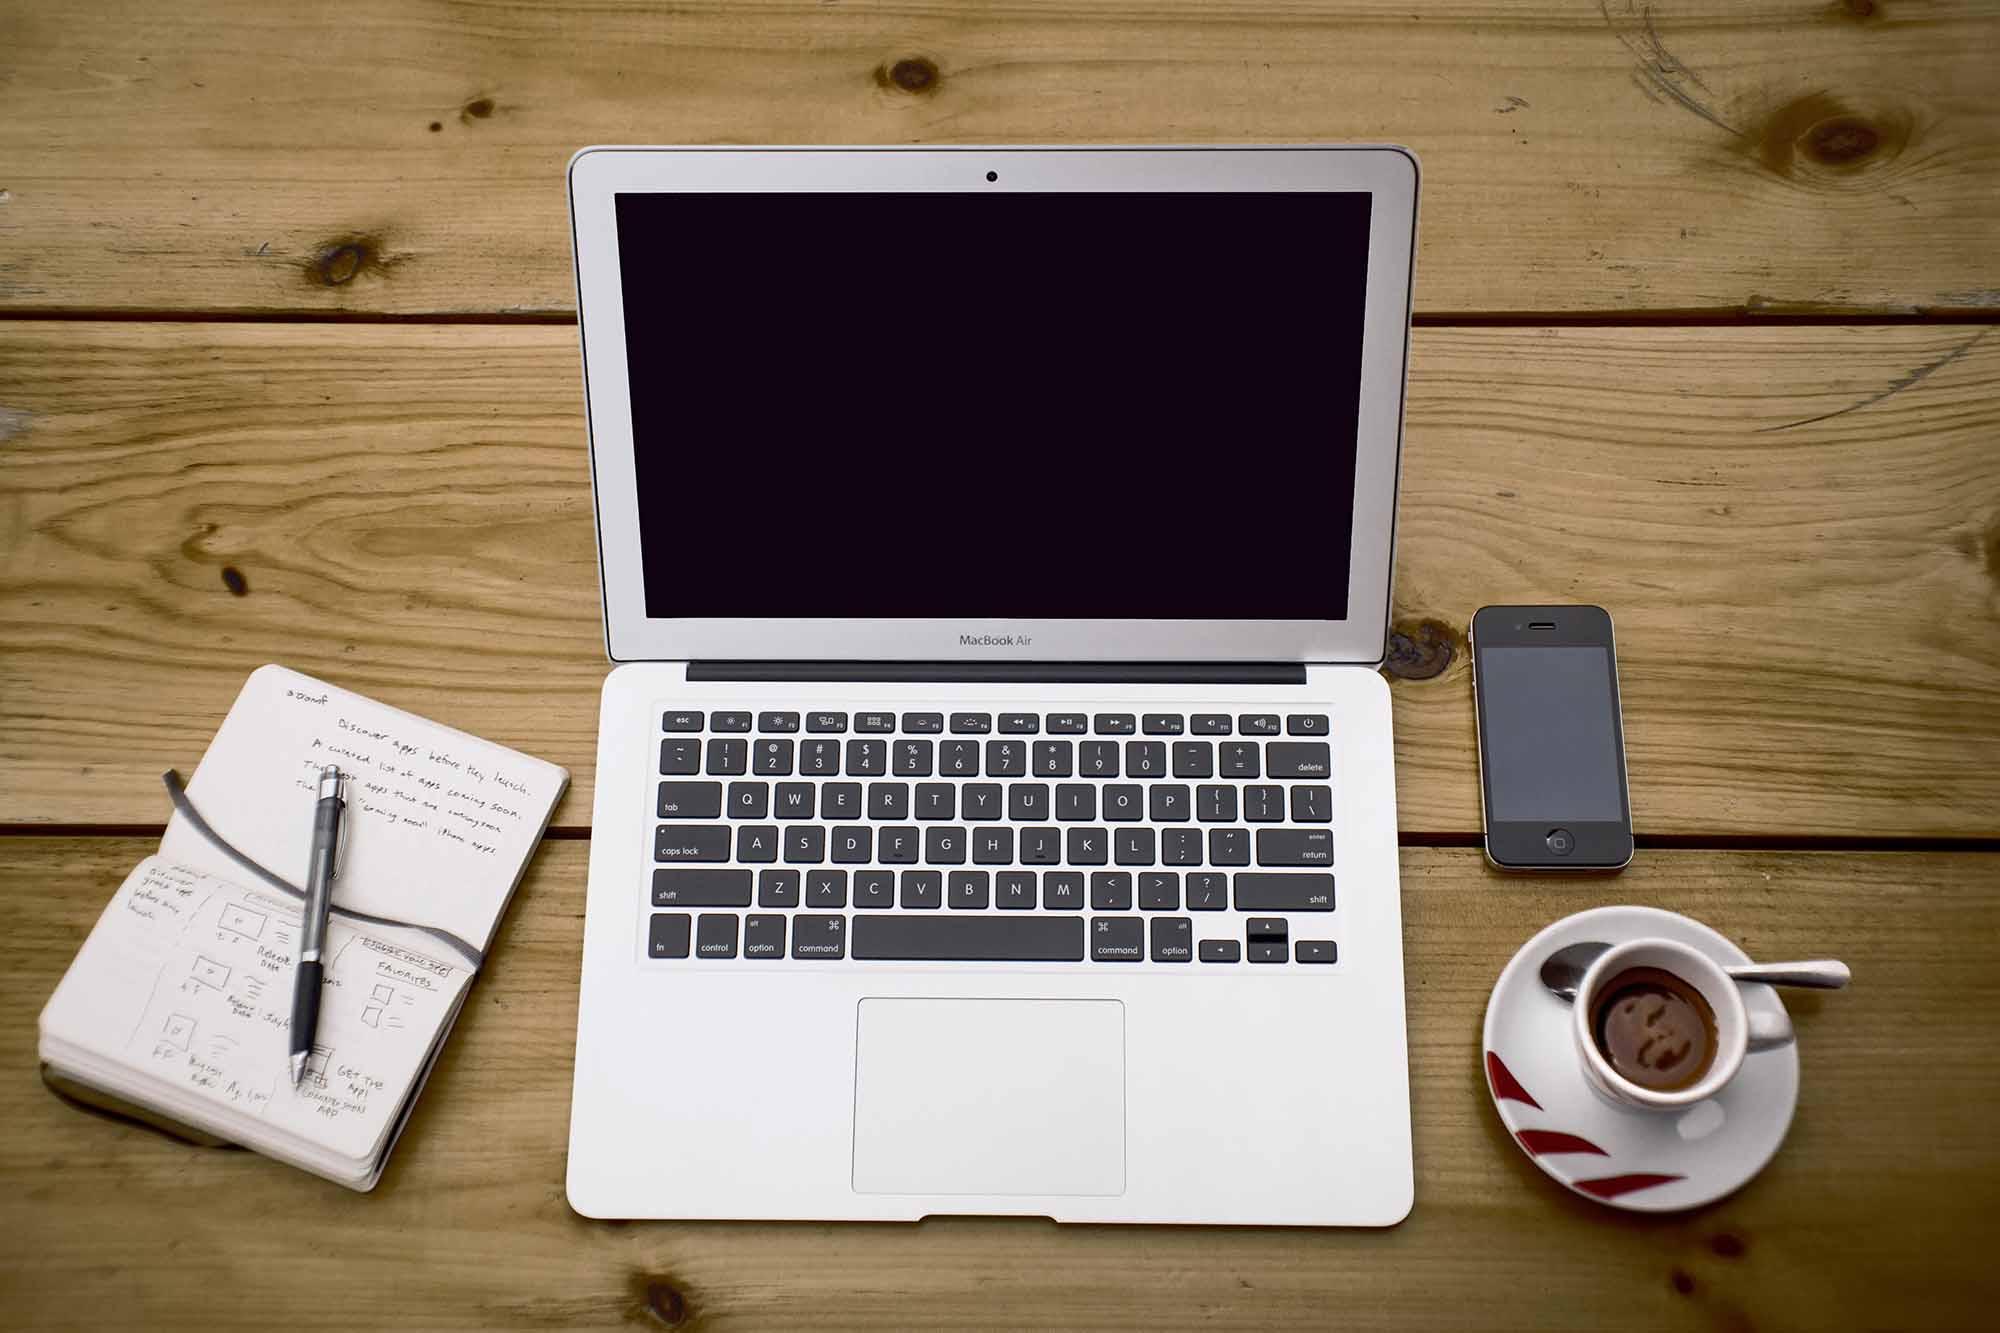 Hooks: Ganchos, filtros y acciones de WordPress ¿qué son y cómo se usan?